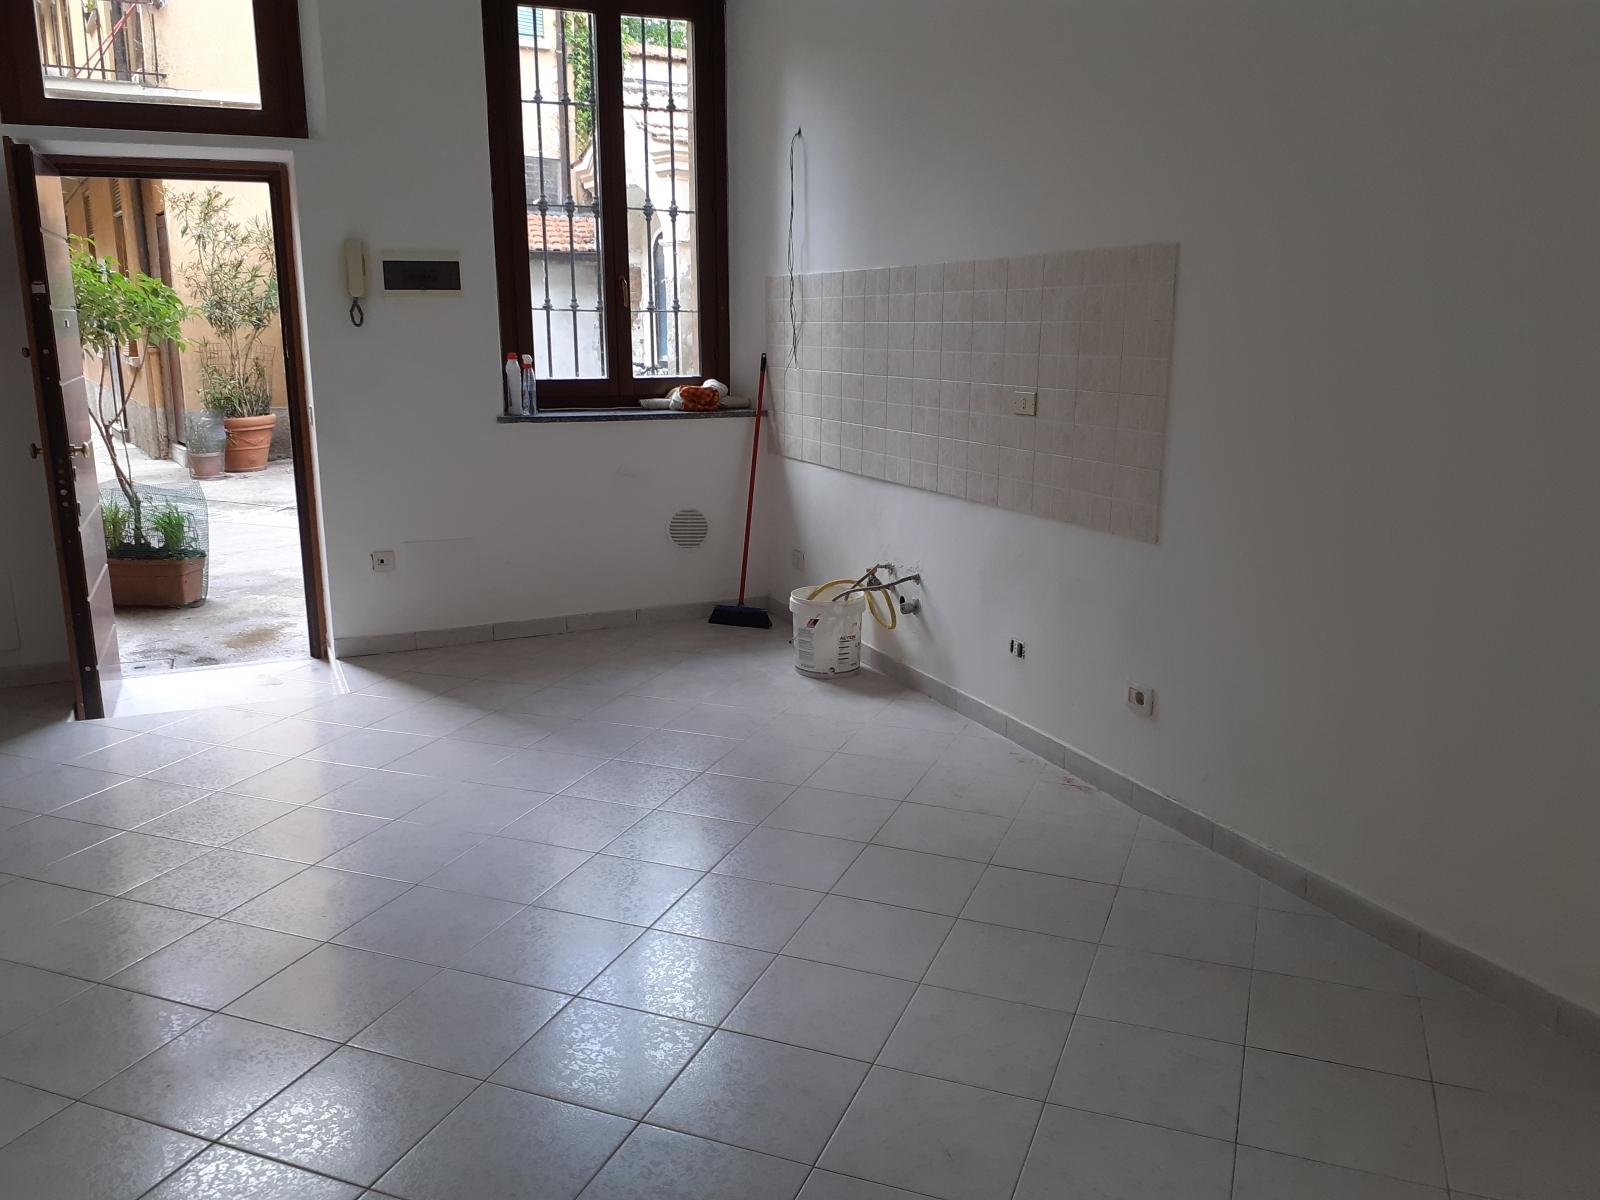 appartamento-tre-locali-milano-via-novara-quinto-romano-san-siro-3-locali-spaziourbano-immobiliare-vende-11